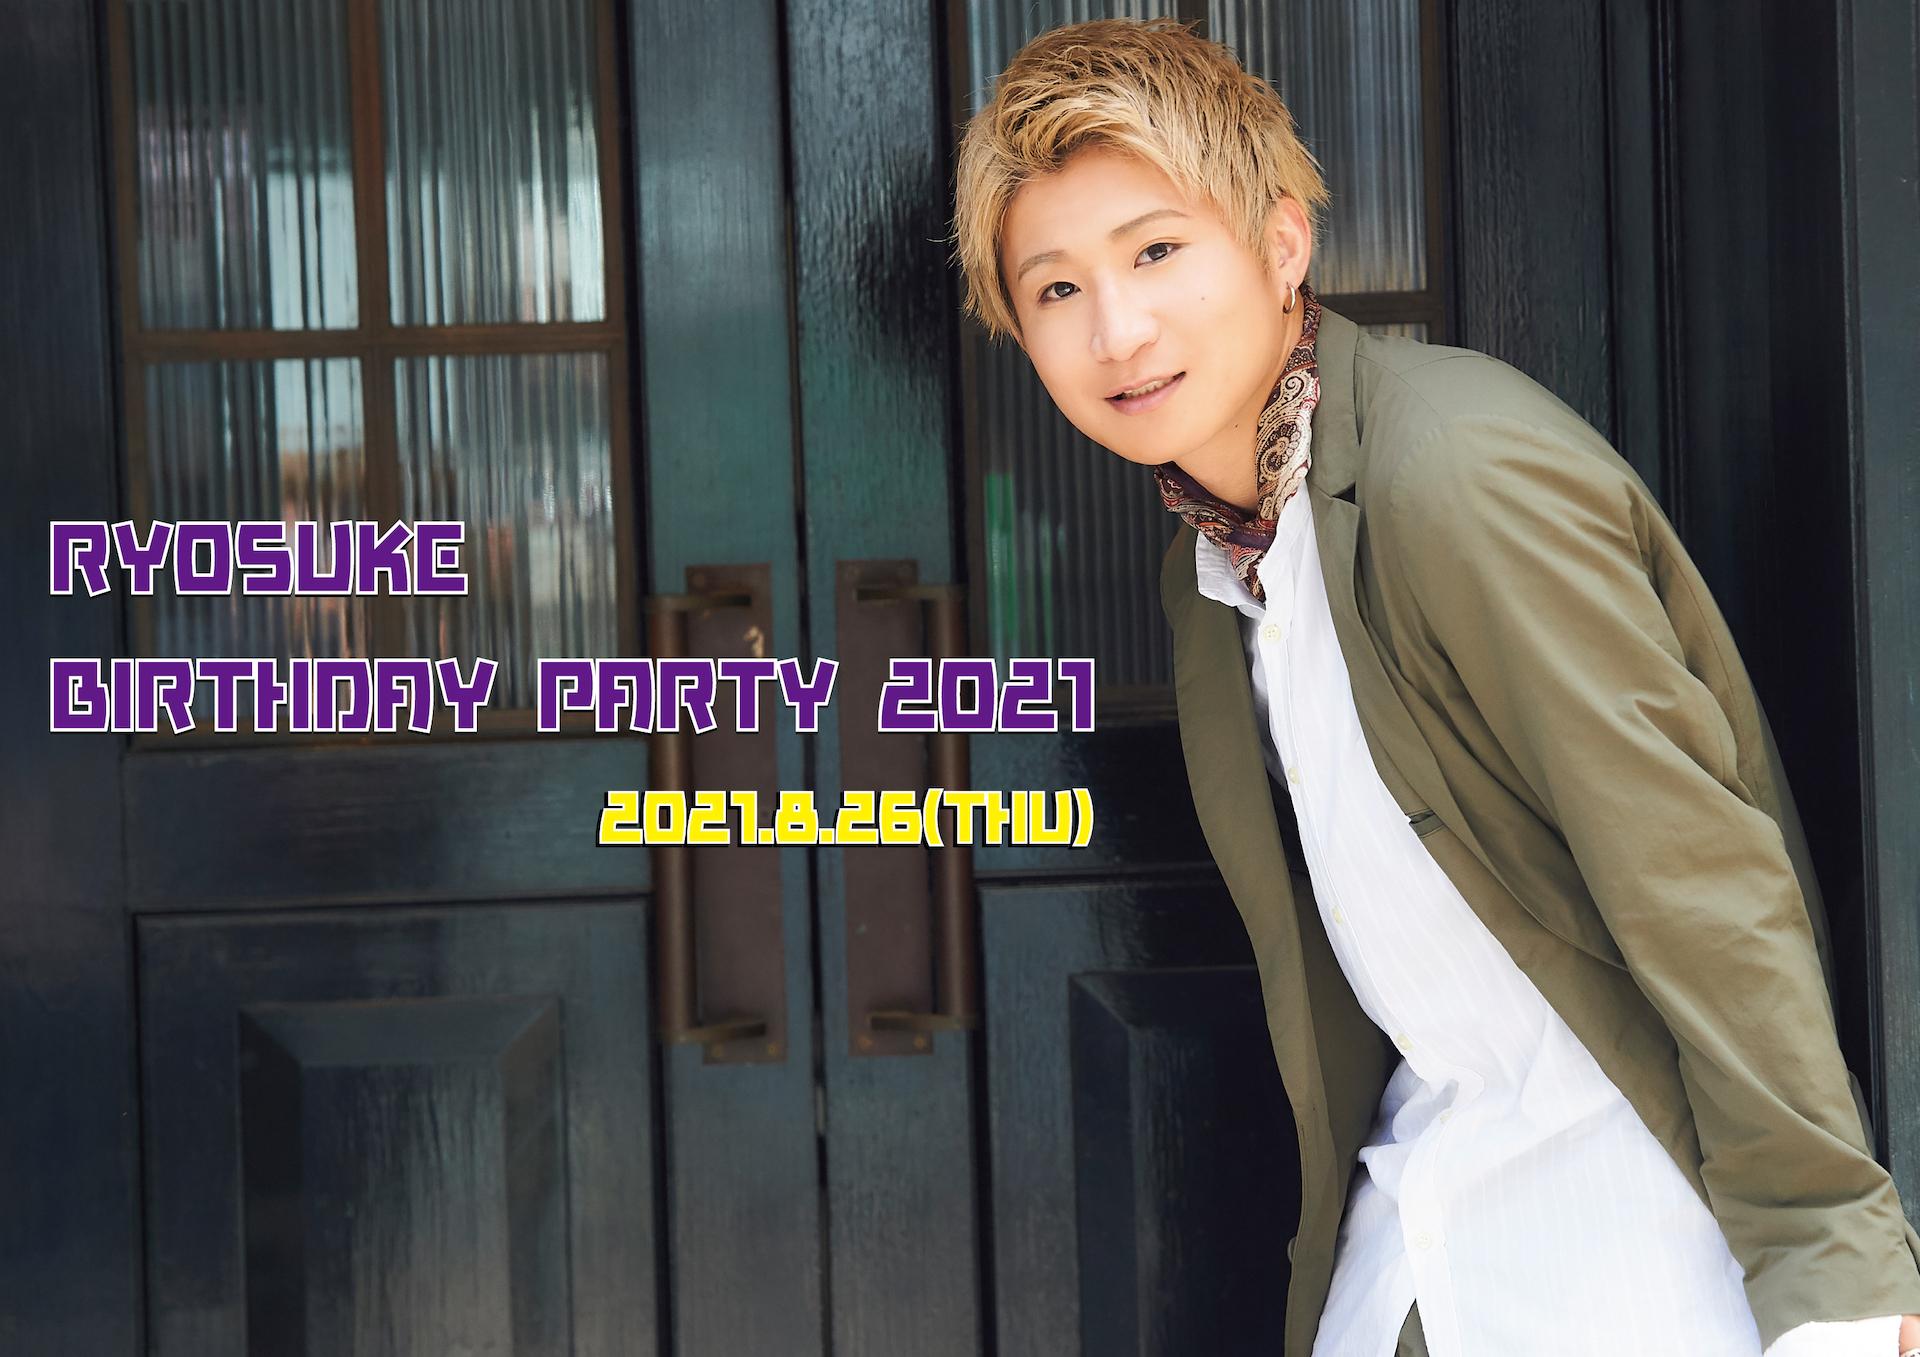 【お知らせ】8/26(木) 綾介生誕「RYOSUKE BIRTHDAY PARTY 2021」ご来場のお客様へのご協力のお願い  ※チケット購入前に必ずご確認ください